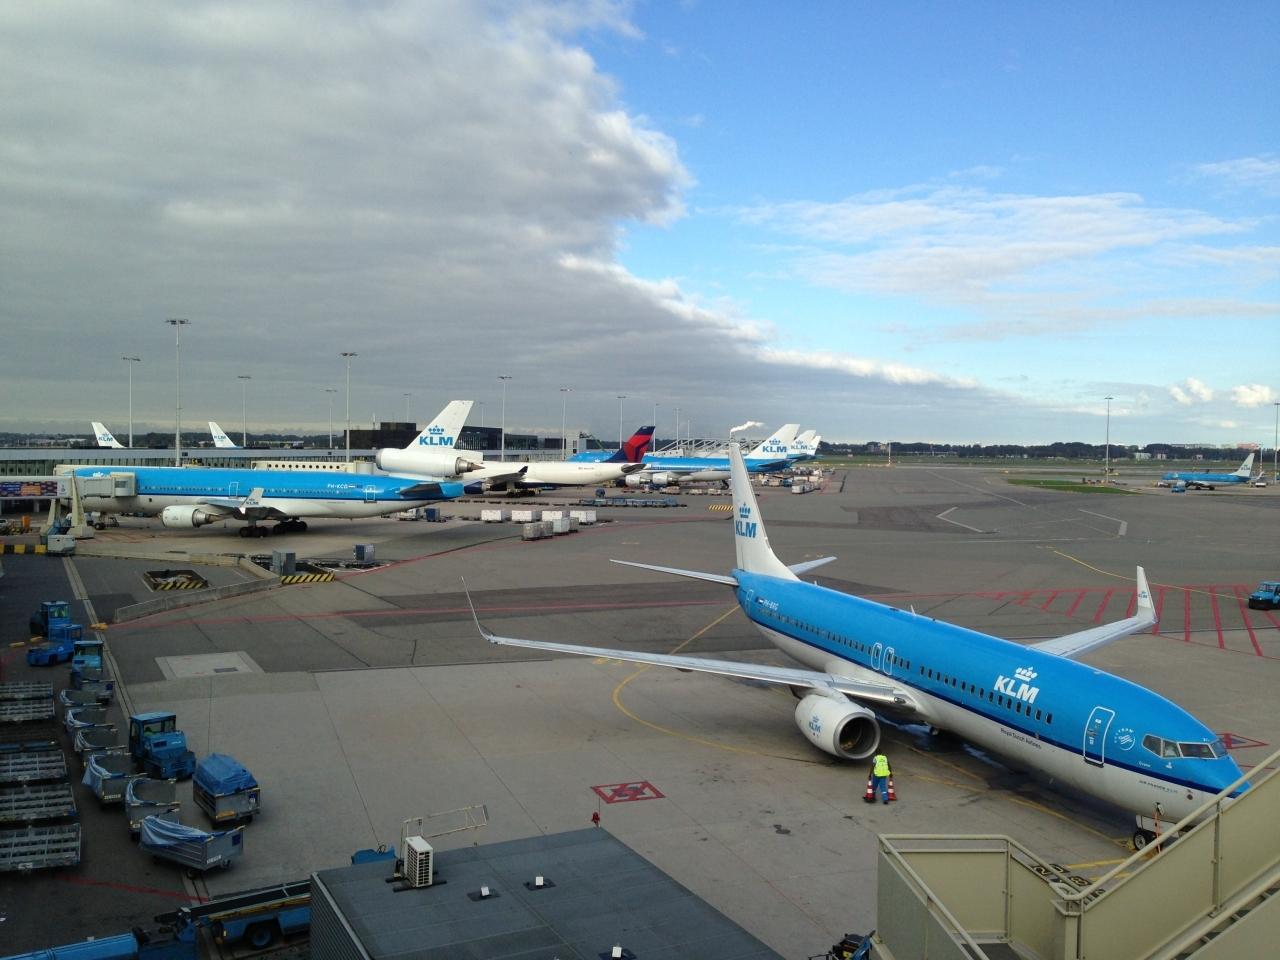 2013.10 パリ(1)KLMオランダ航空でスキポール空港で乗り継ぎ シャルル・ド・ゴール空港に到着